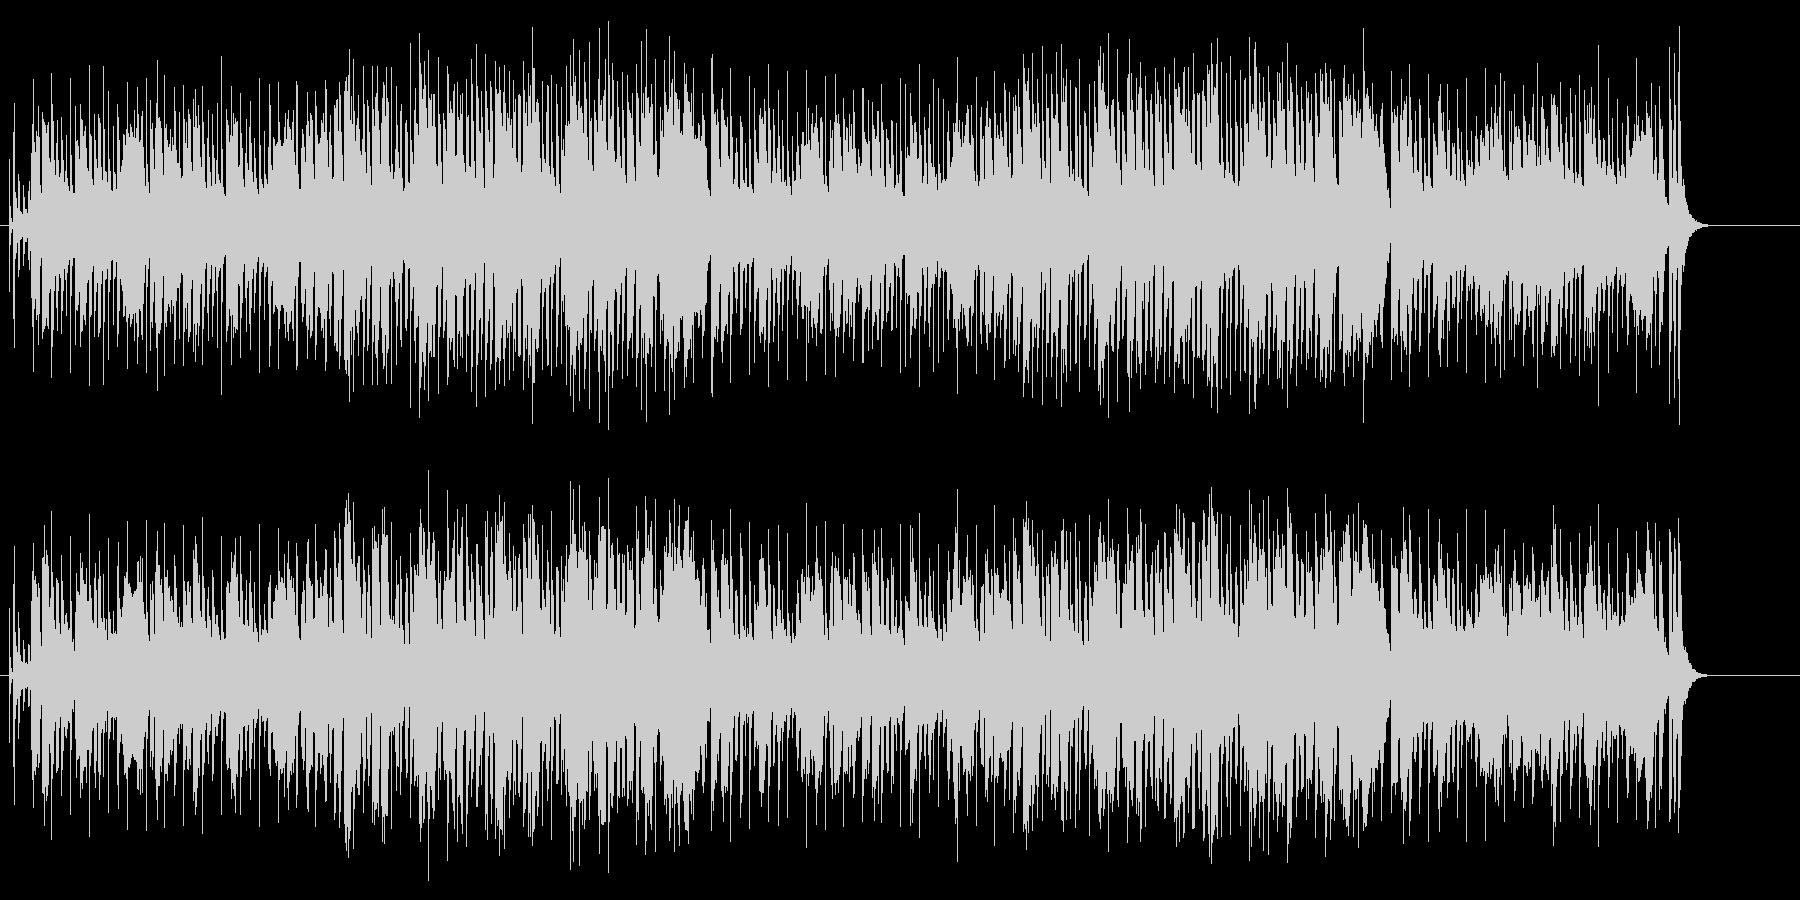 エレクトロなブラスのミディアム・ポップスの未再生の波形